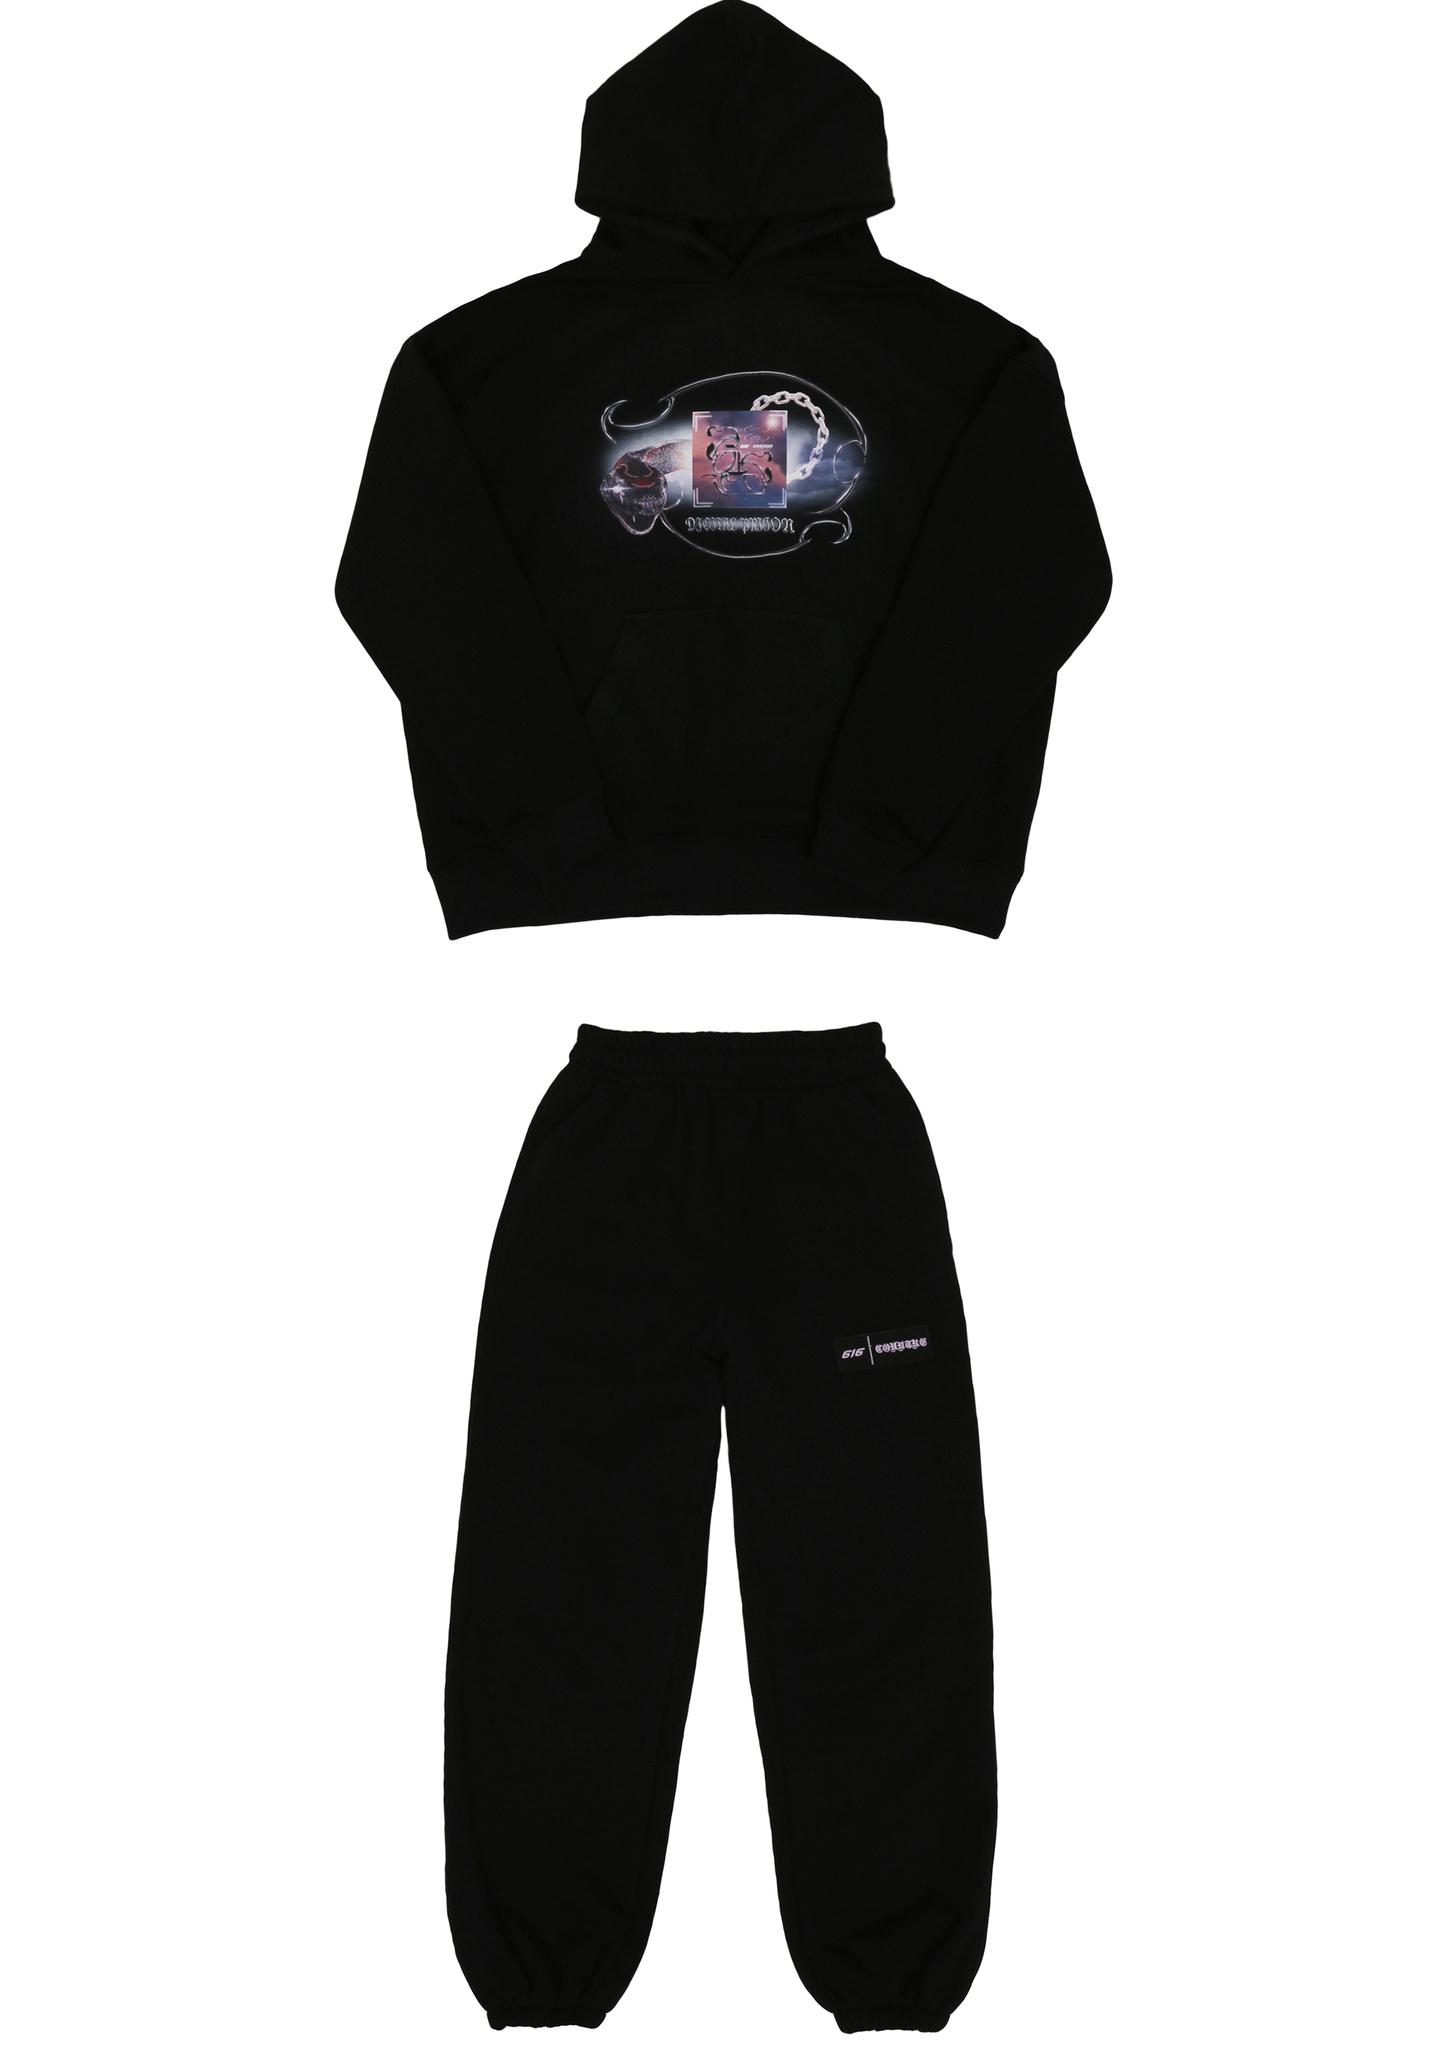 616 x COUNTRE DIGITAL PRISON костюм с дополненной реальностью